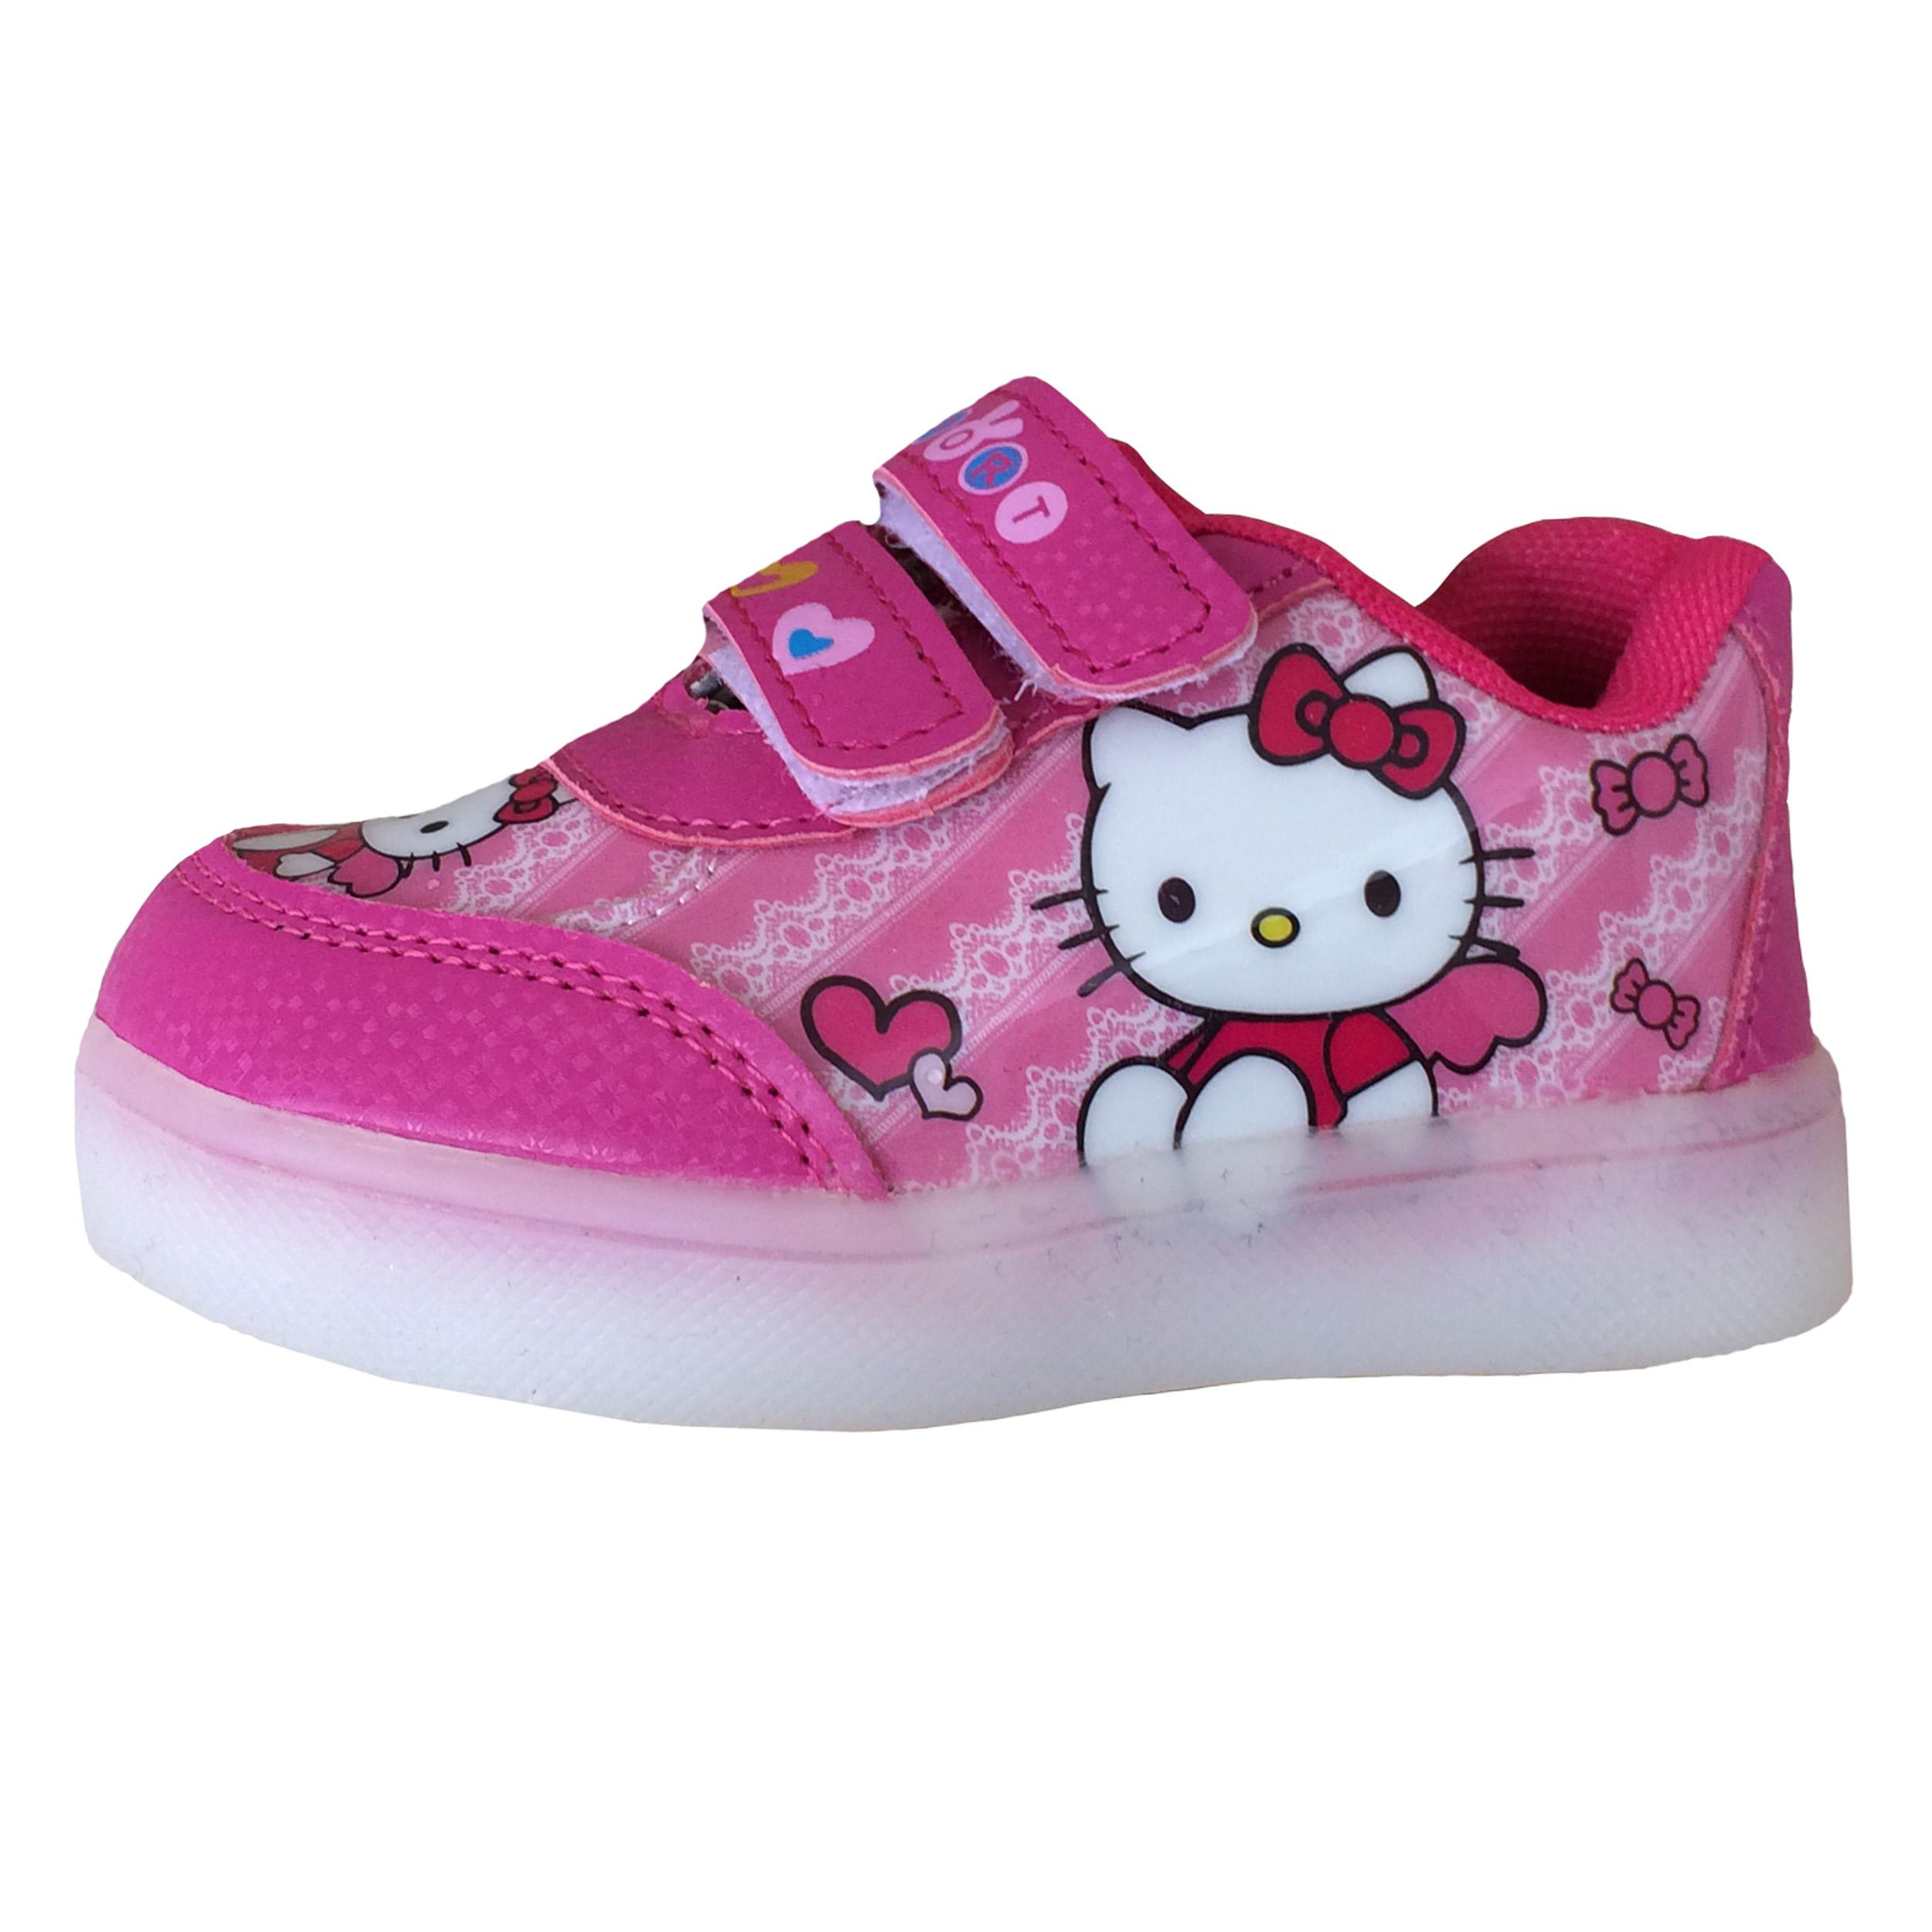 کفش راحتی دخترانه طرح کیتی کد k30